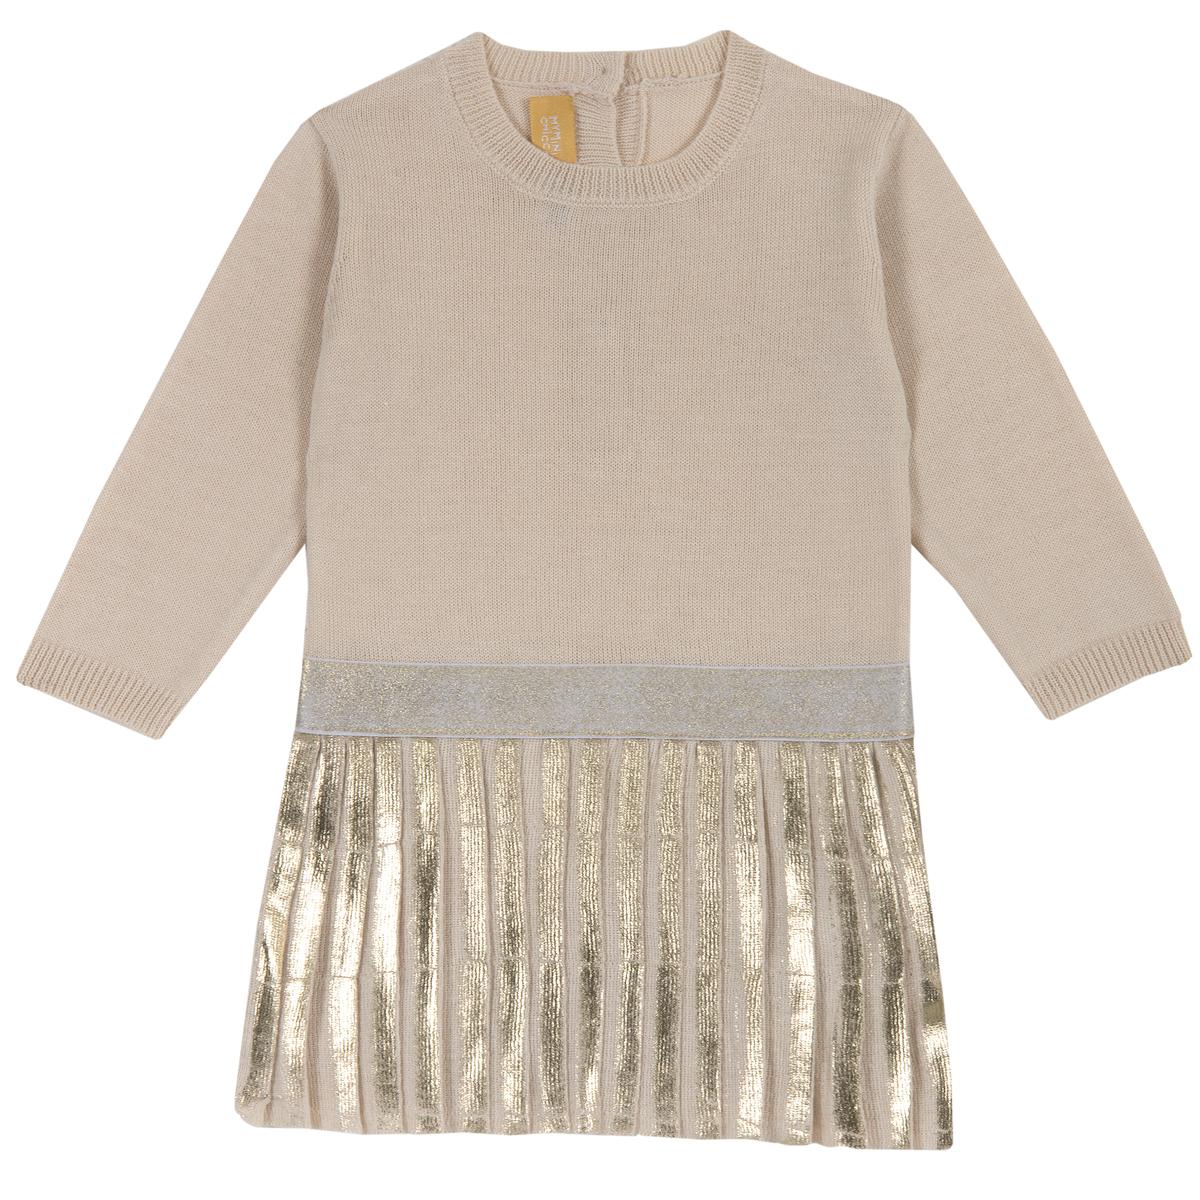 Rochie copii tricotata Chicco, maneca lunga, bej cu model, 03545 din categoria Rochii, Fuste